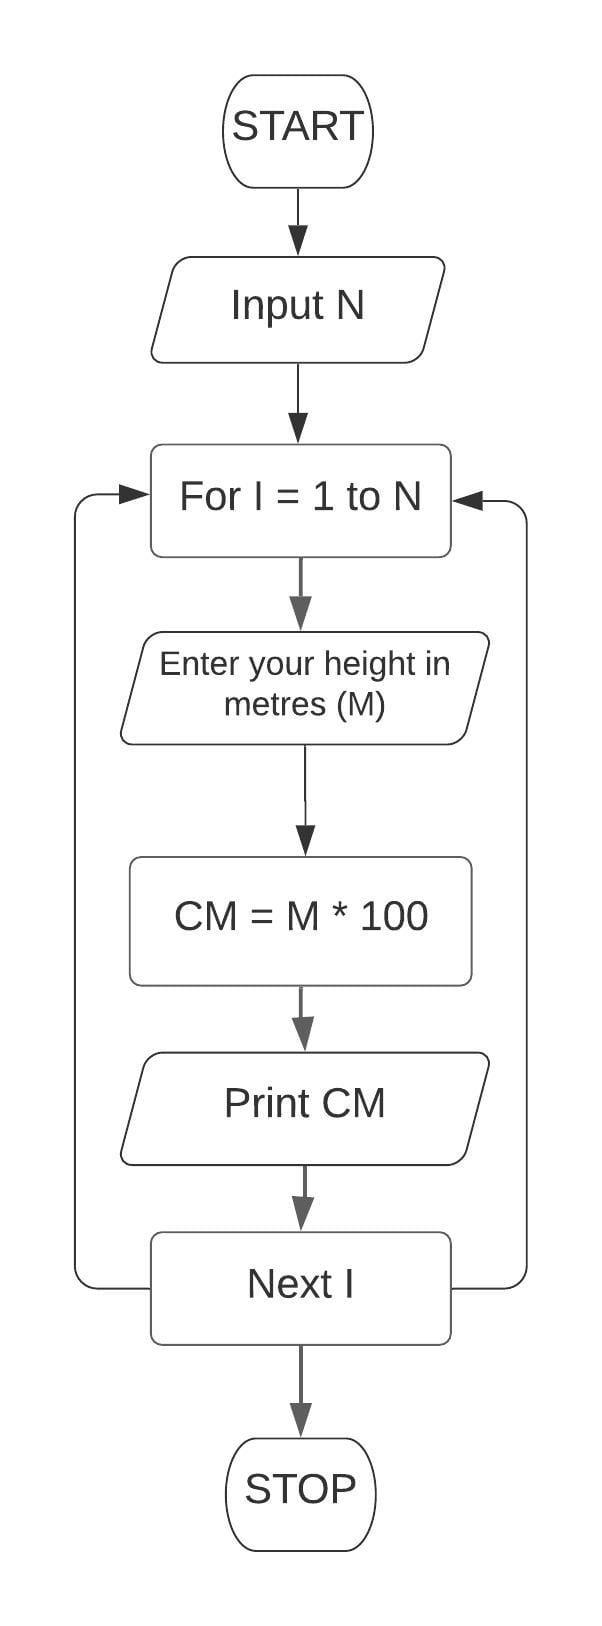 Corrected flowchart for Chapter 9 Question 2 Class 7 ICSE Understanding Computer Studies.